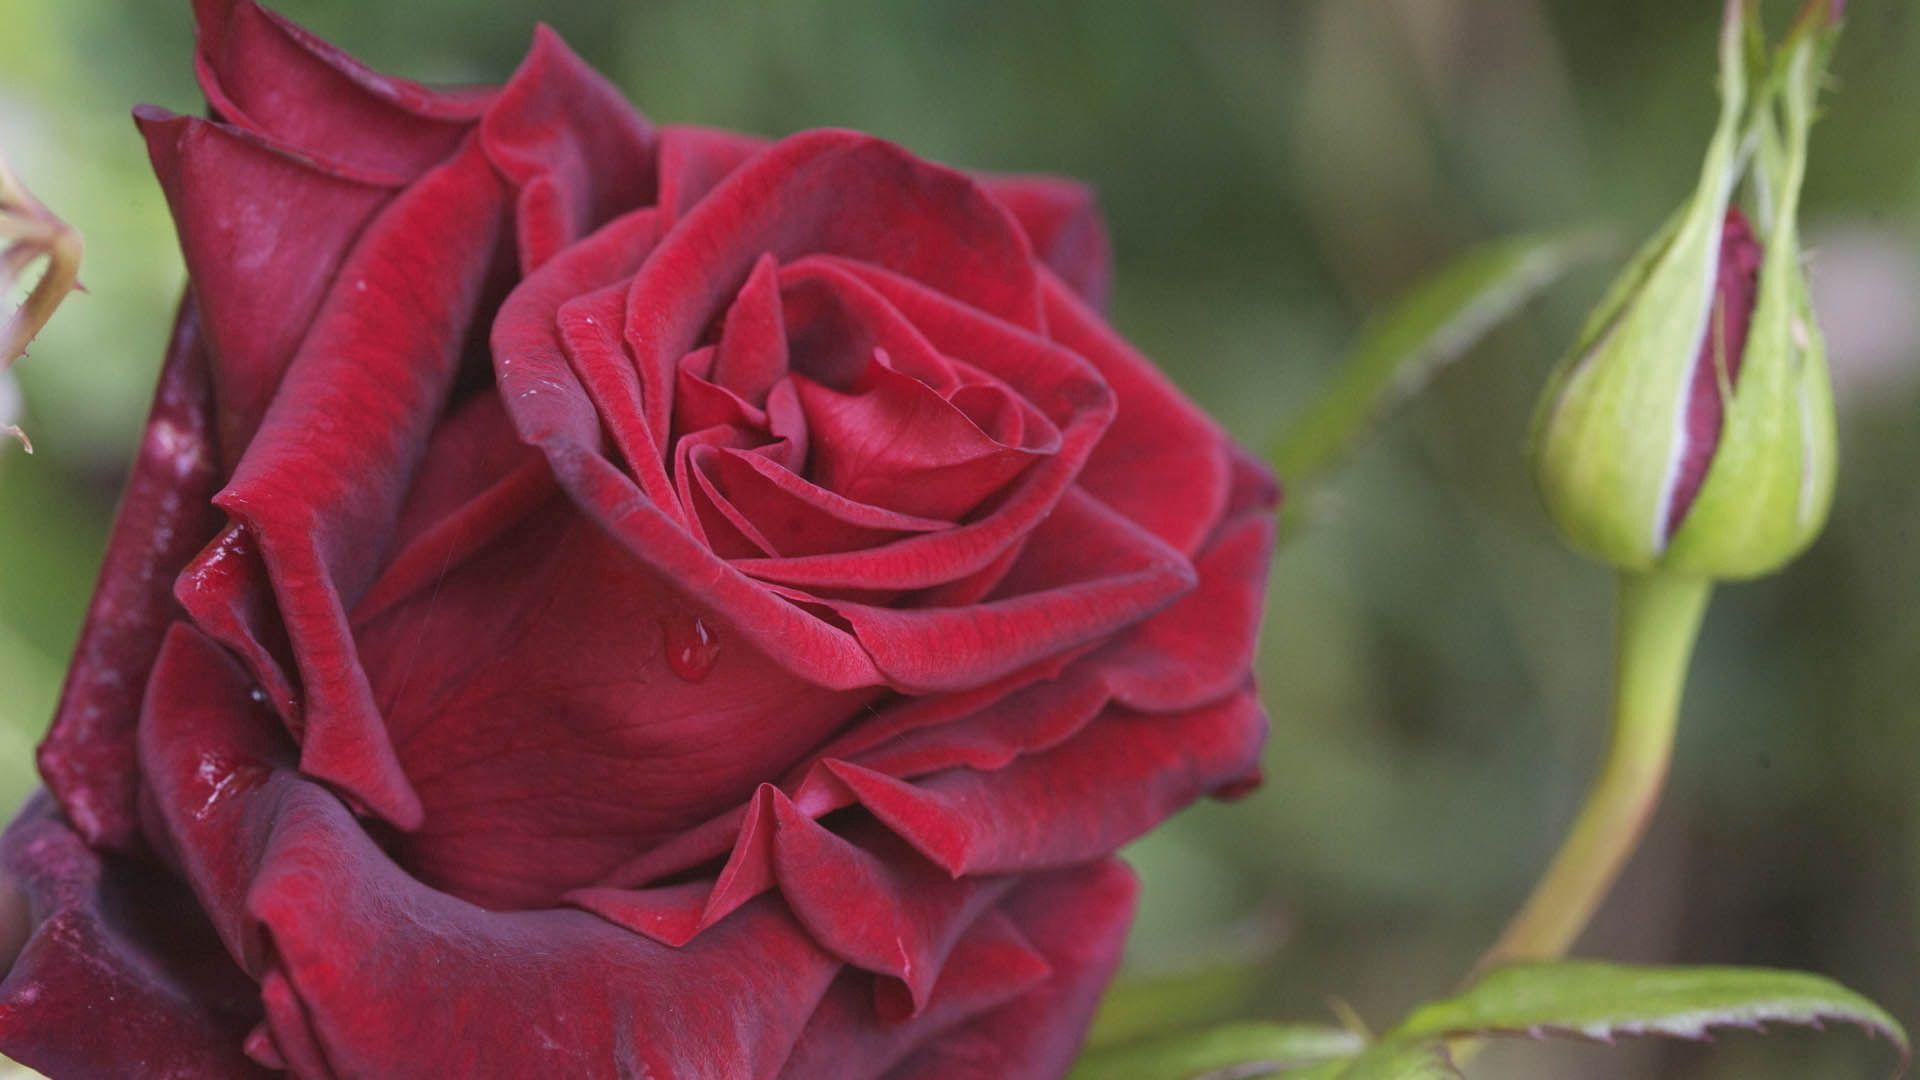 63073 Hintergrundbild 1024x768 kostenlos auf deinem Handy, lade Bilder Pflanze, Makro, Rose, Blütenblätter 1024x768 auf dein Handy herunter